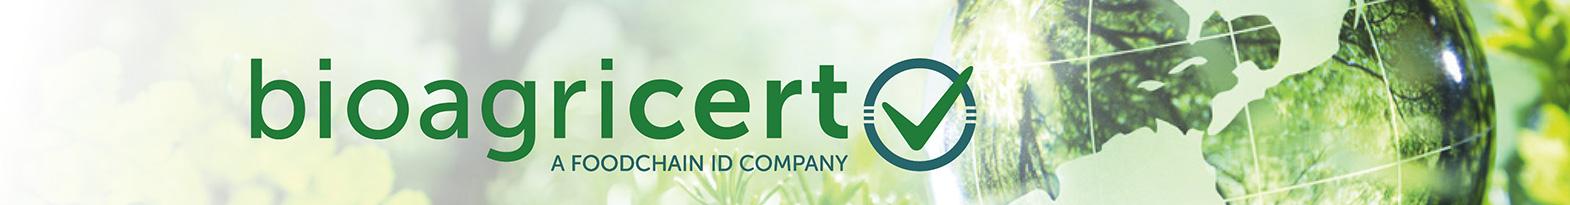 bioagricert-controllo-qualita-certificazione